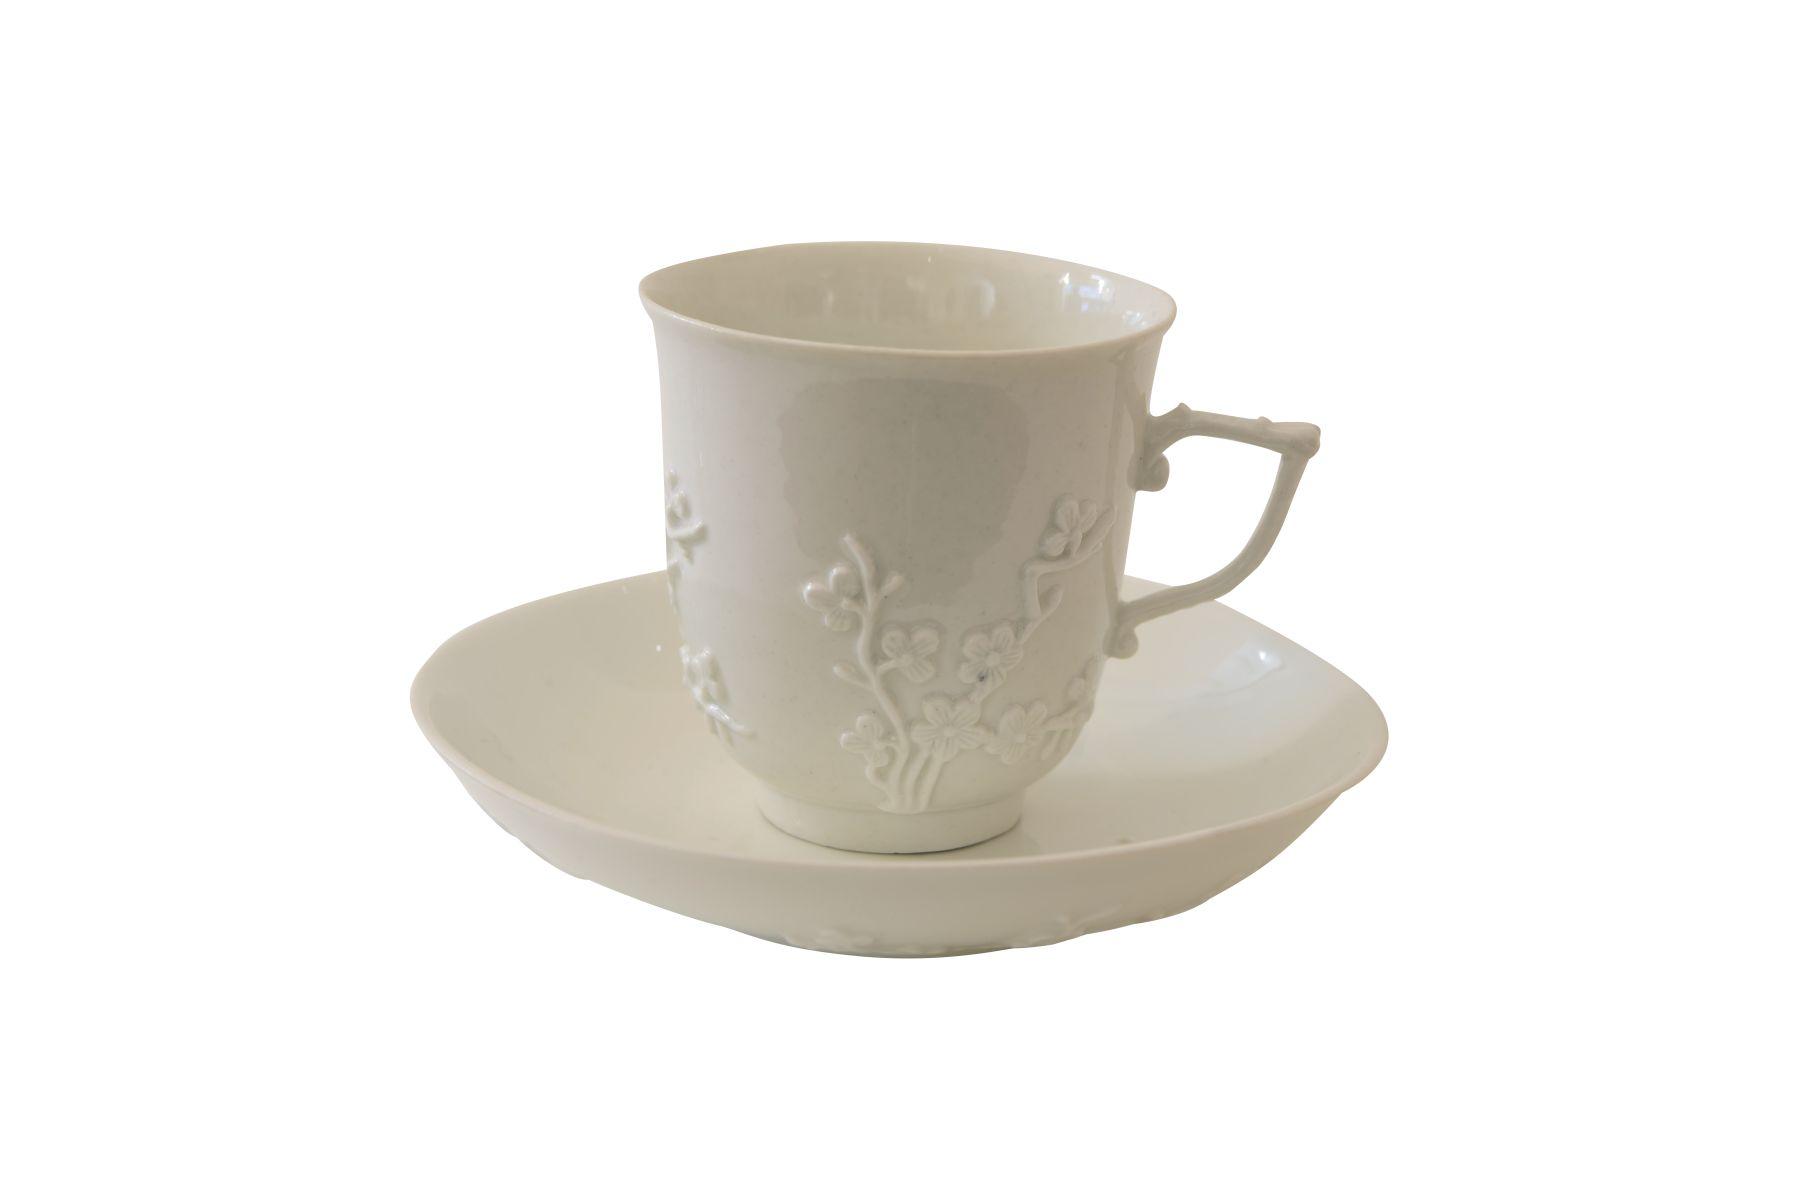 25 teiliges Kaffee- und Teeservice Meissen 18. Jahrhundert - Bild 6 aus 16